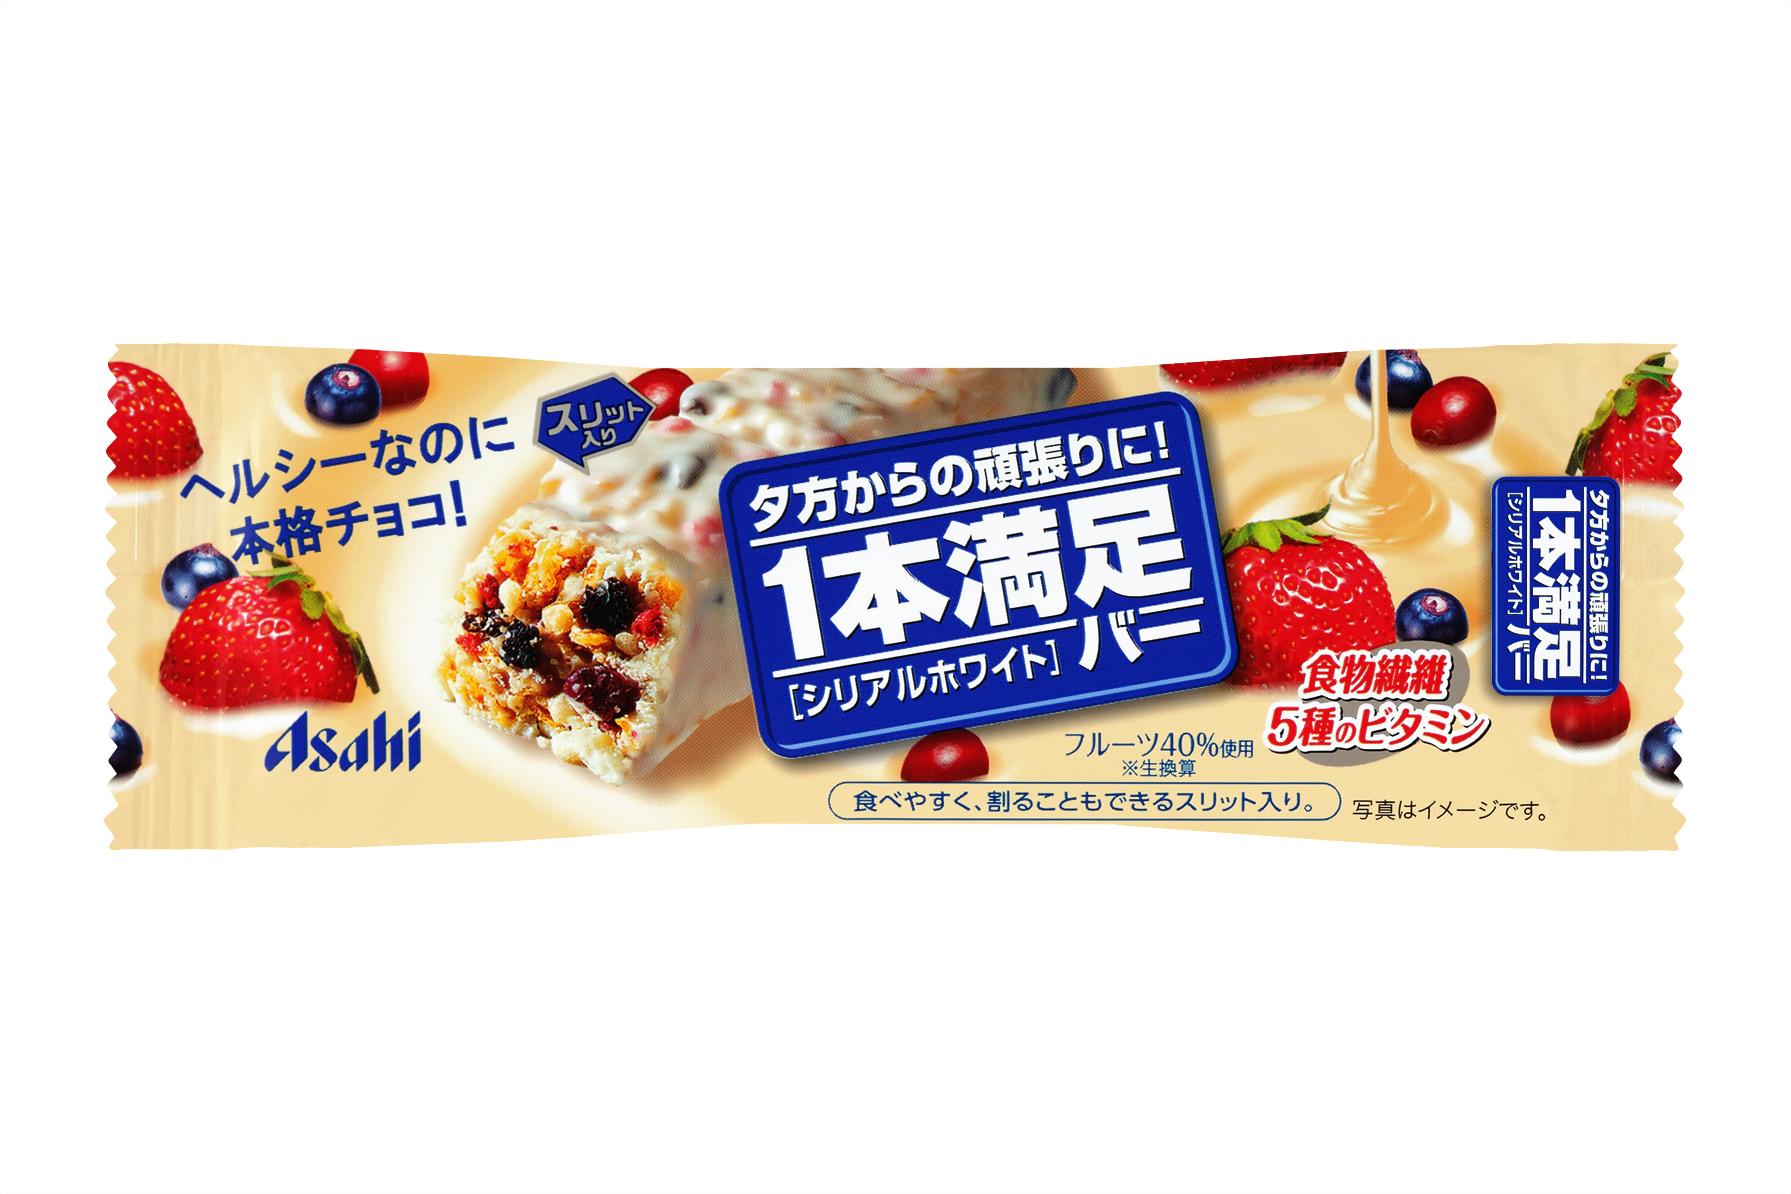 1本満足バー アップルタルト』新...